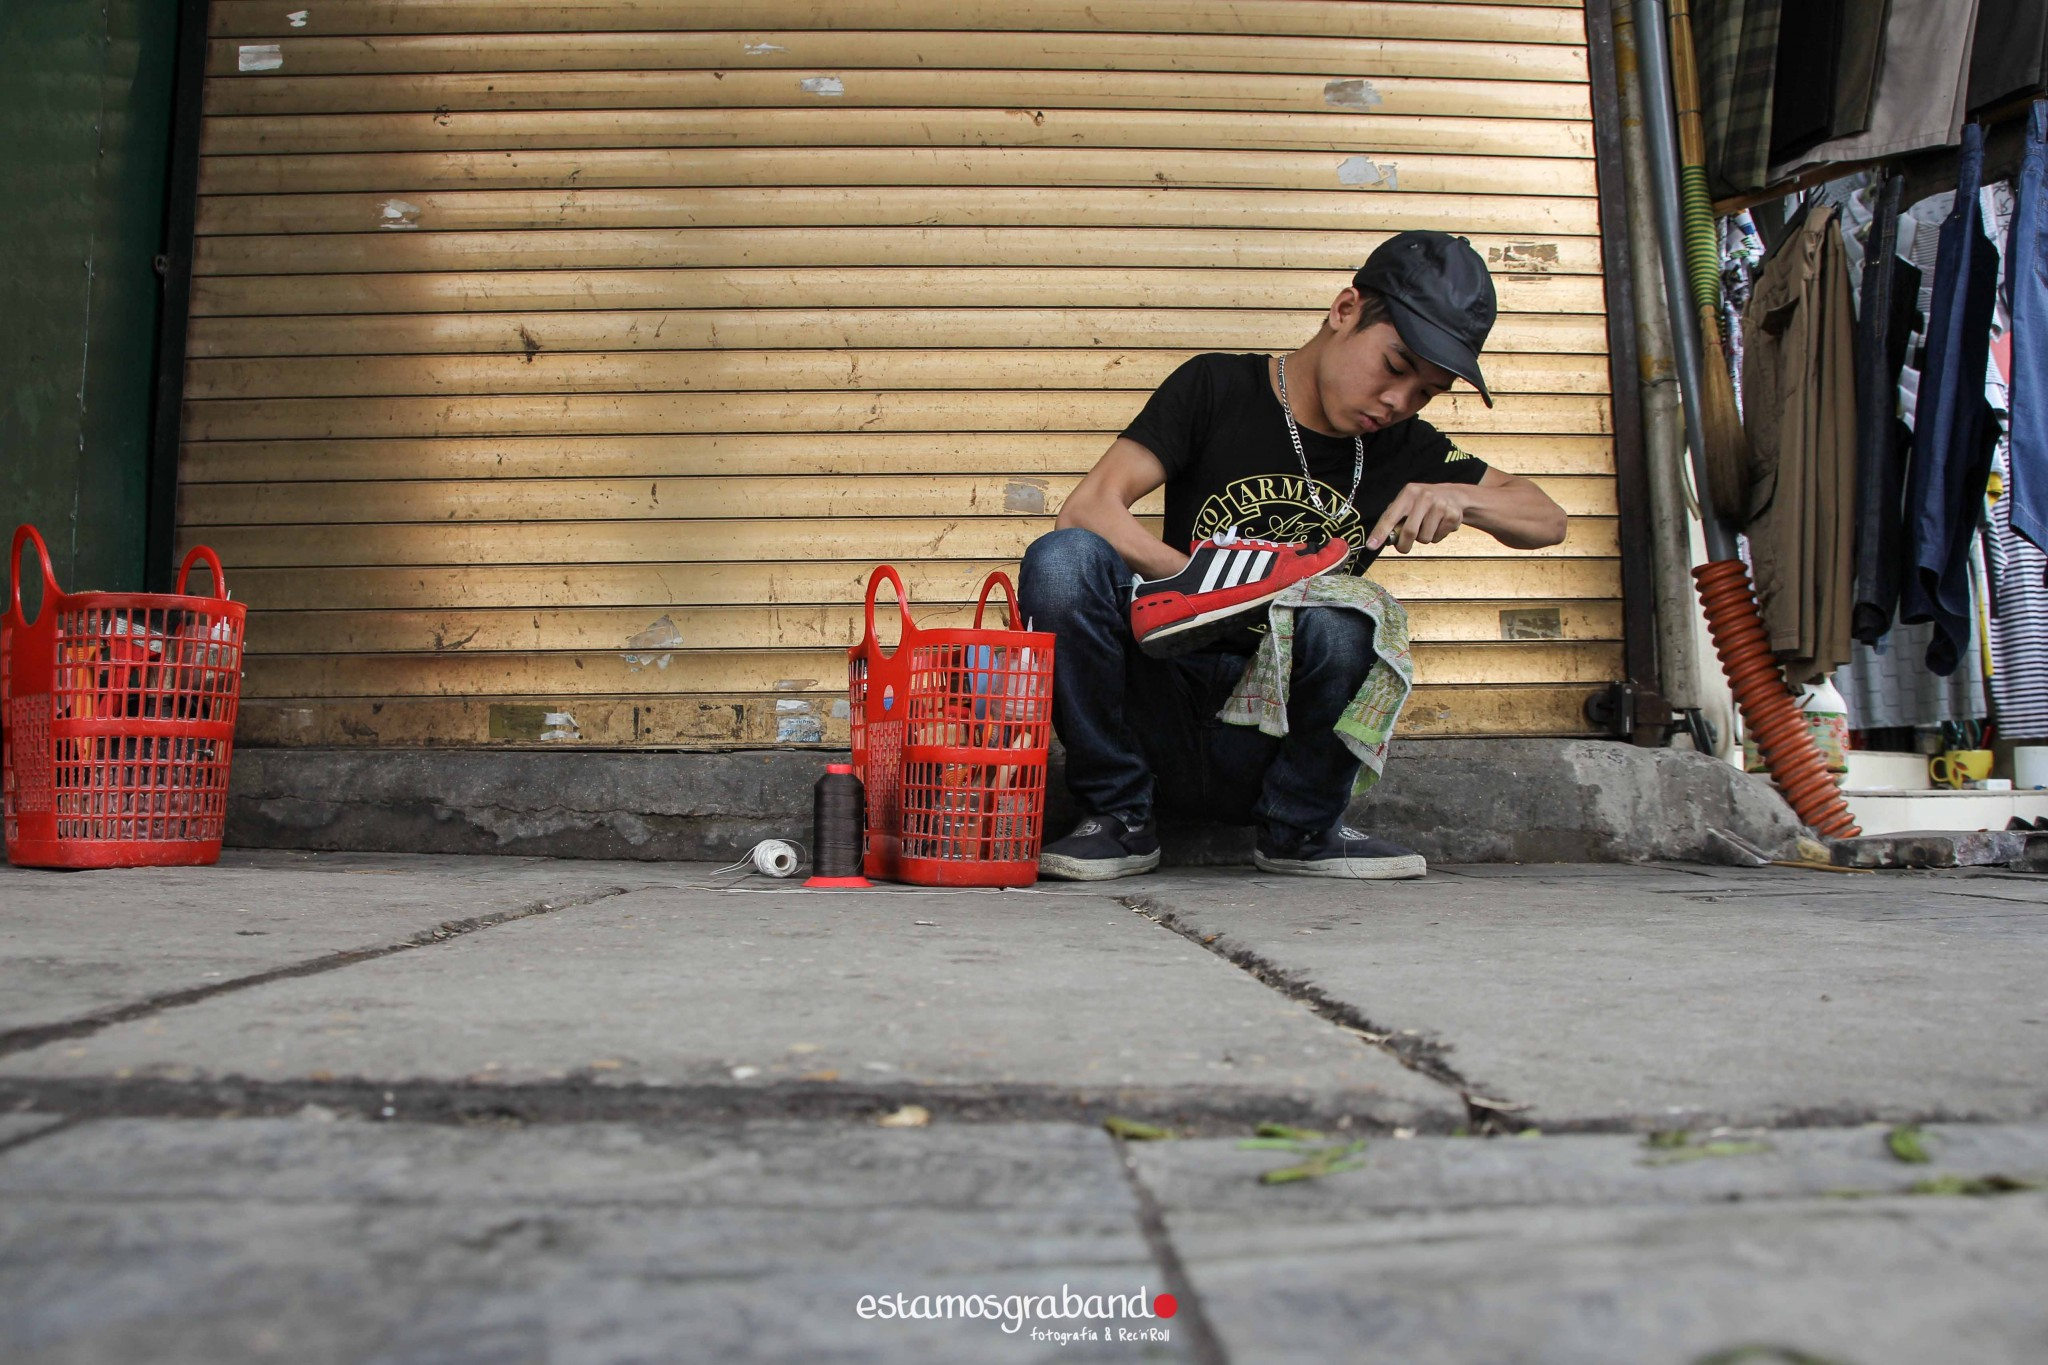 reportaje-vietnam_fotograficc81a-vietnam_estamosgrabando-vietnam_rutasvietnam_reportaje-retratos-fotos-vietnam_fotografia-vietnam_reportaje-estamosgrabando-fotograficc81a-vietnam-79 Pequeños grandes recuerdos de Vietnam en 100 imágenes - video boda cadiz